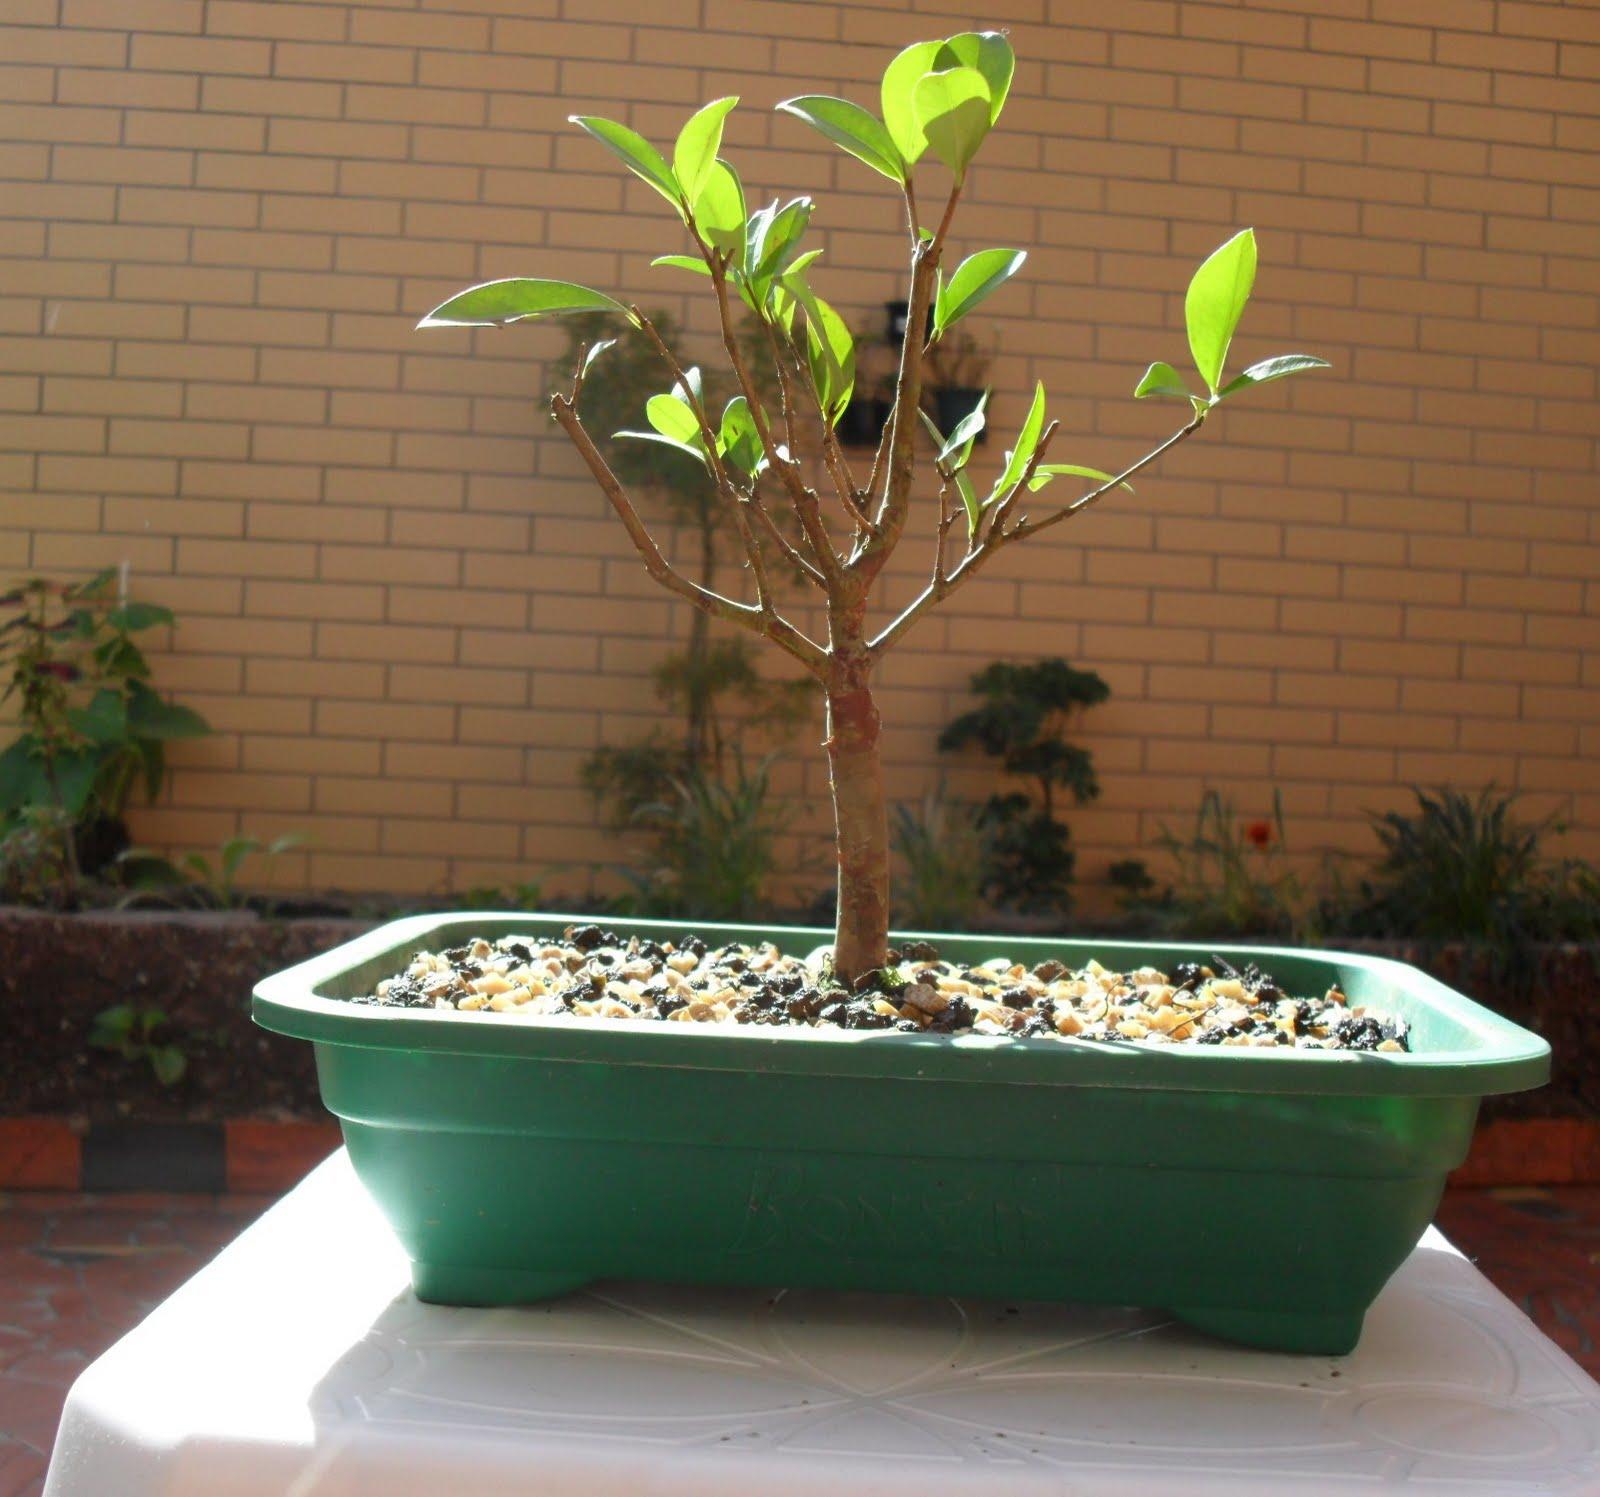 bonsai cerejeira no vaso